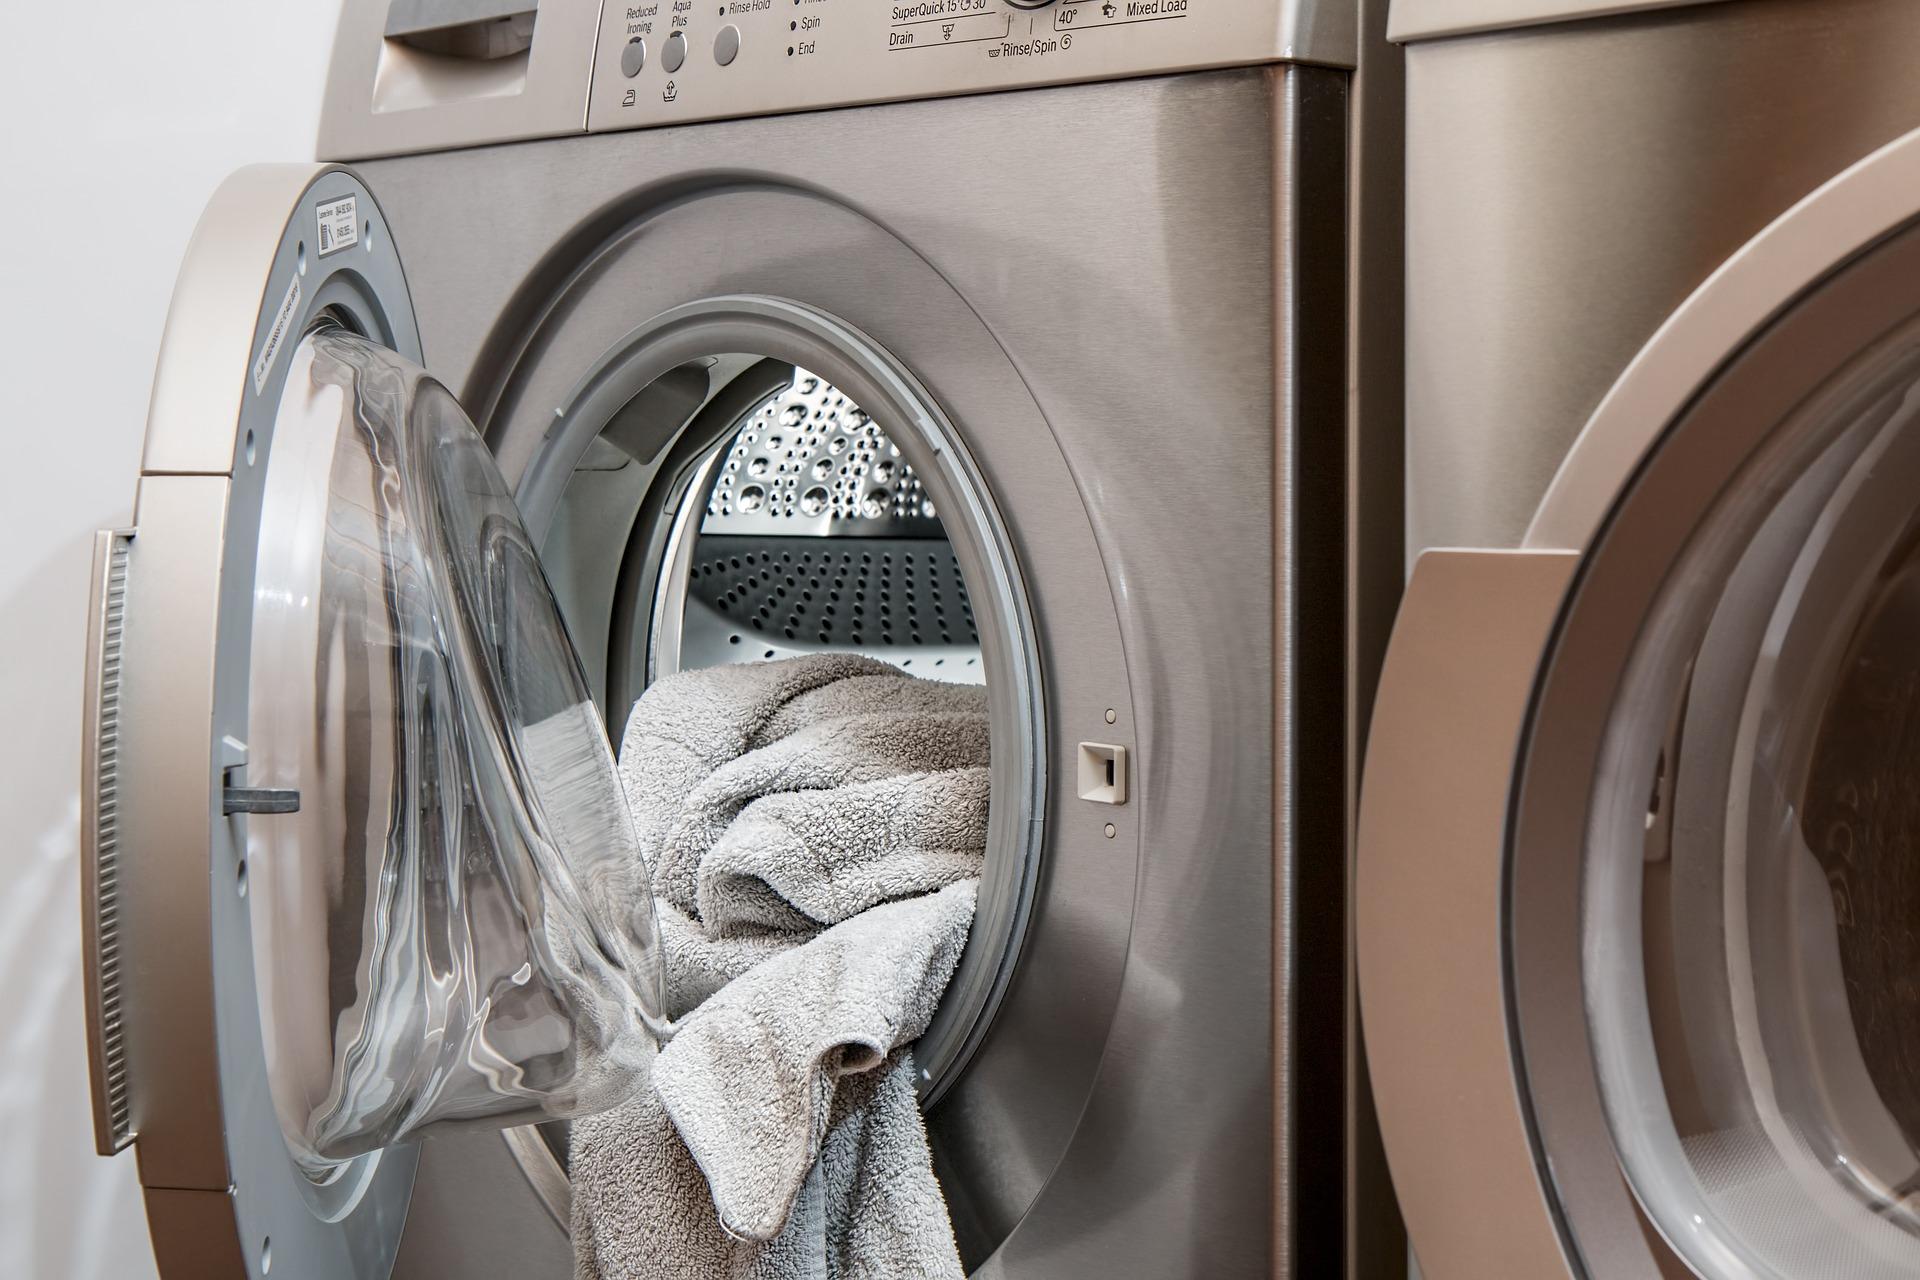 washing-machine-26684721920-1-.jpg